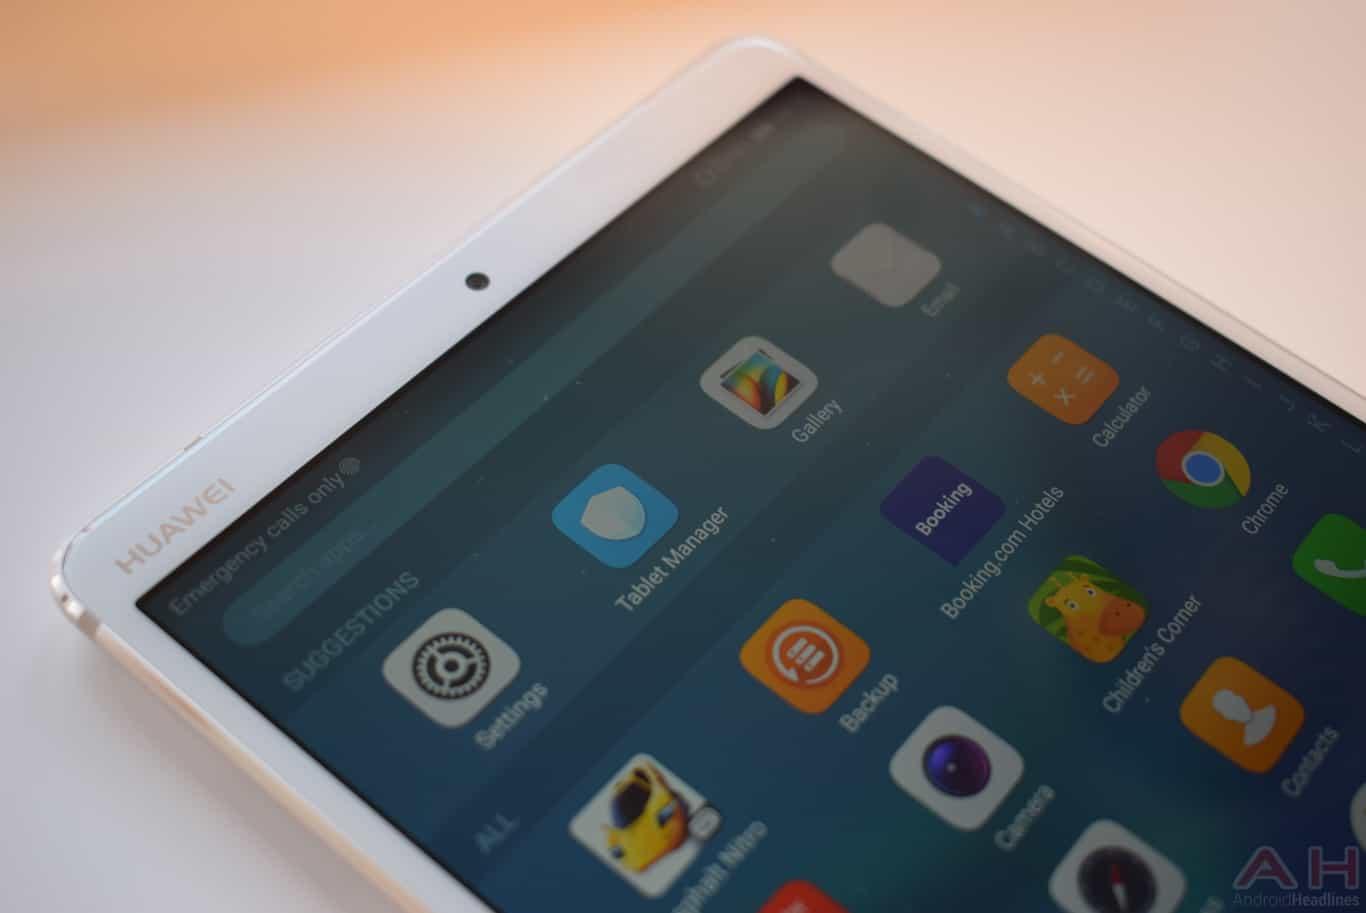 Huawei MediaPad M5 8.4 inch MWC 18 AM AH 8